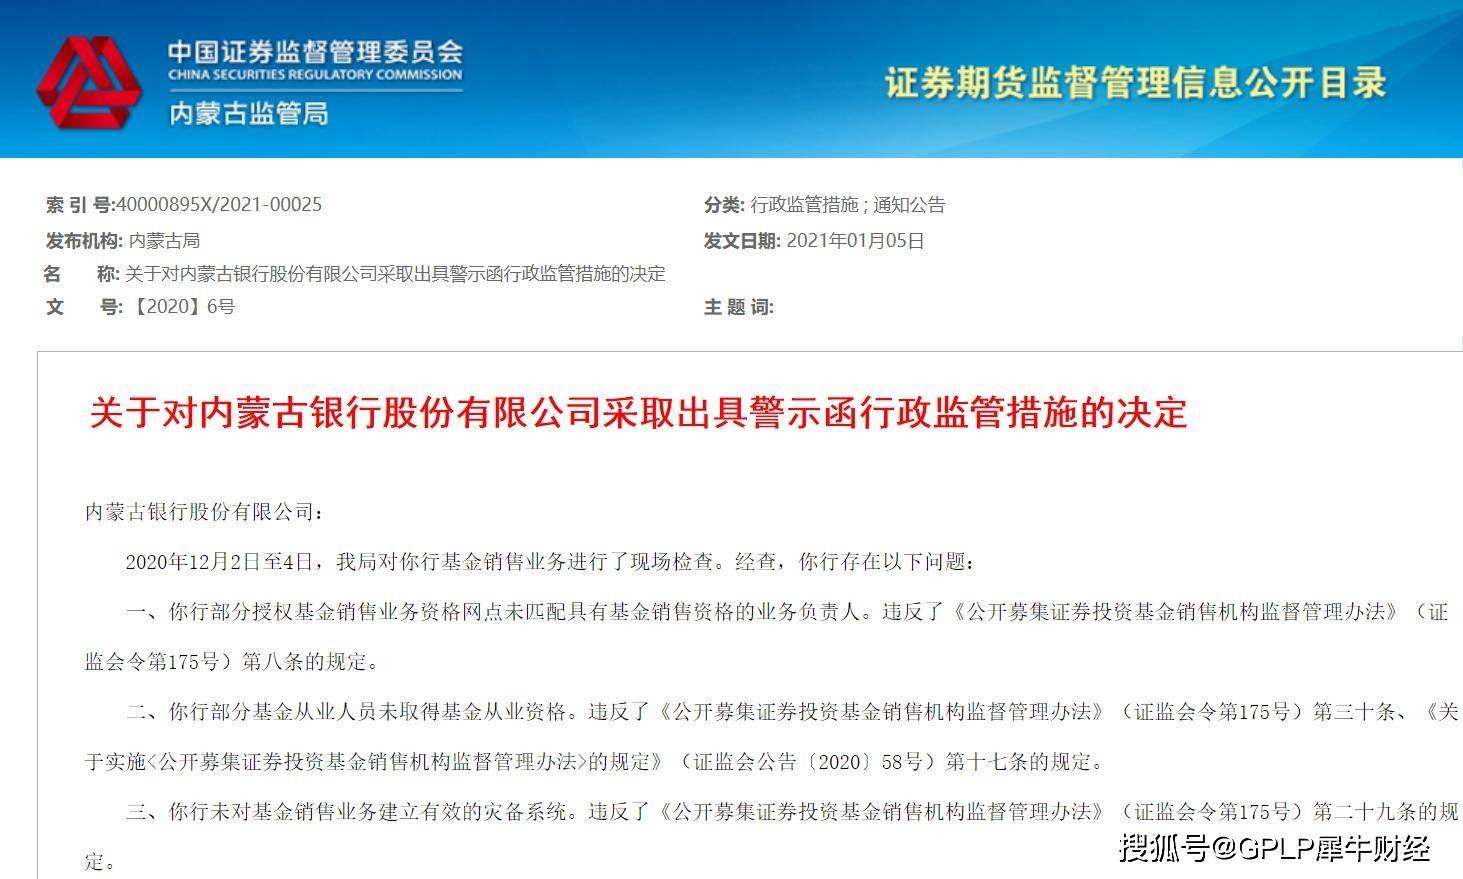 因基金销售多项违规 内蒙古银行被出具警示函